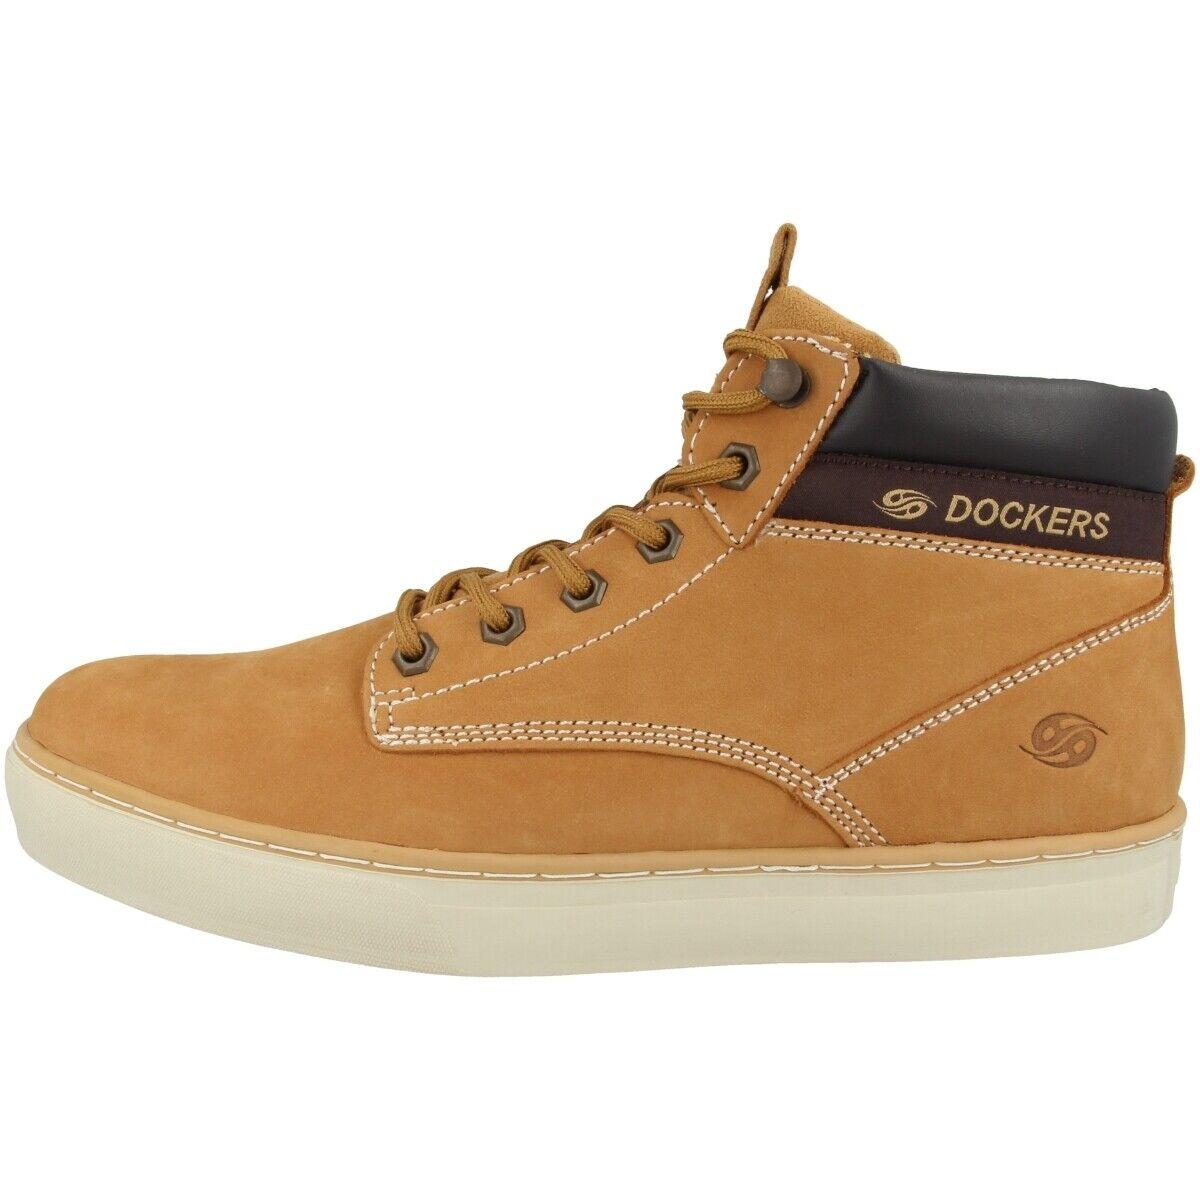 Dockers by Gerli 33EC010 Schuhe Herren Stiefel Stiefel Golden tan 33EC010-300910